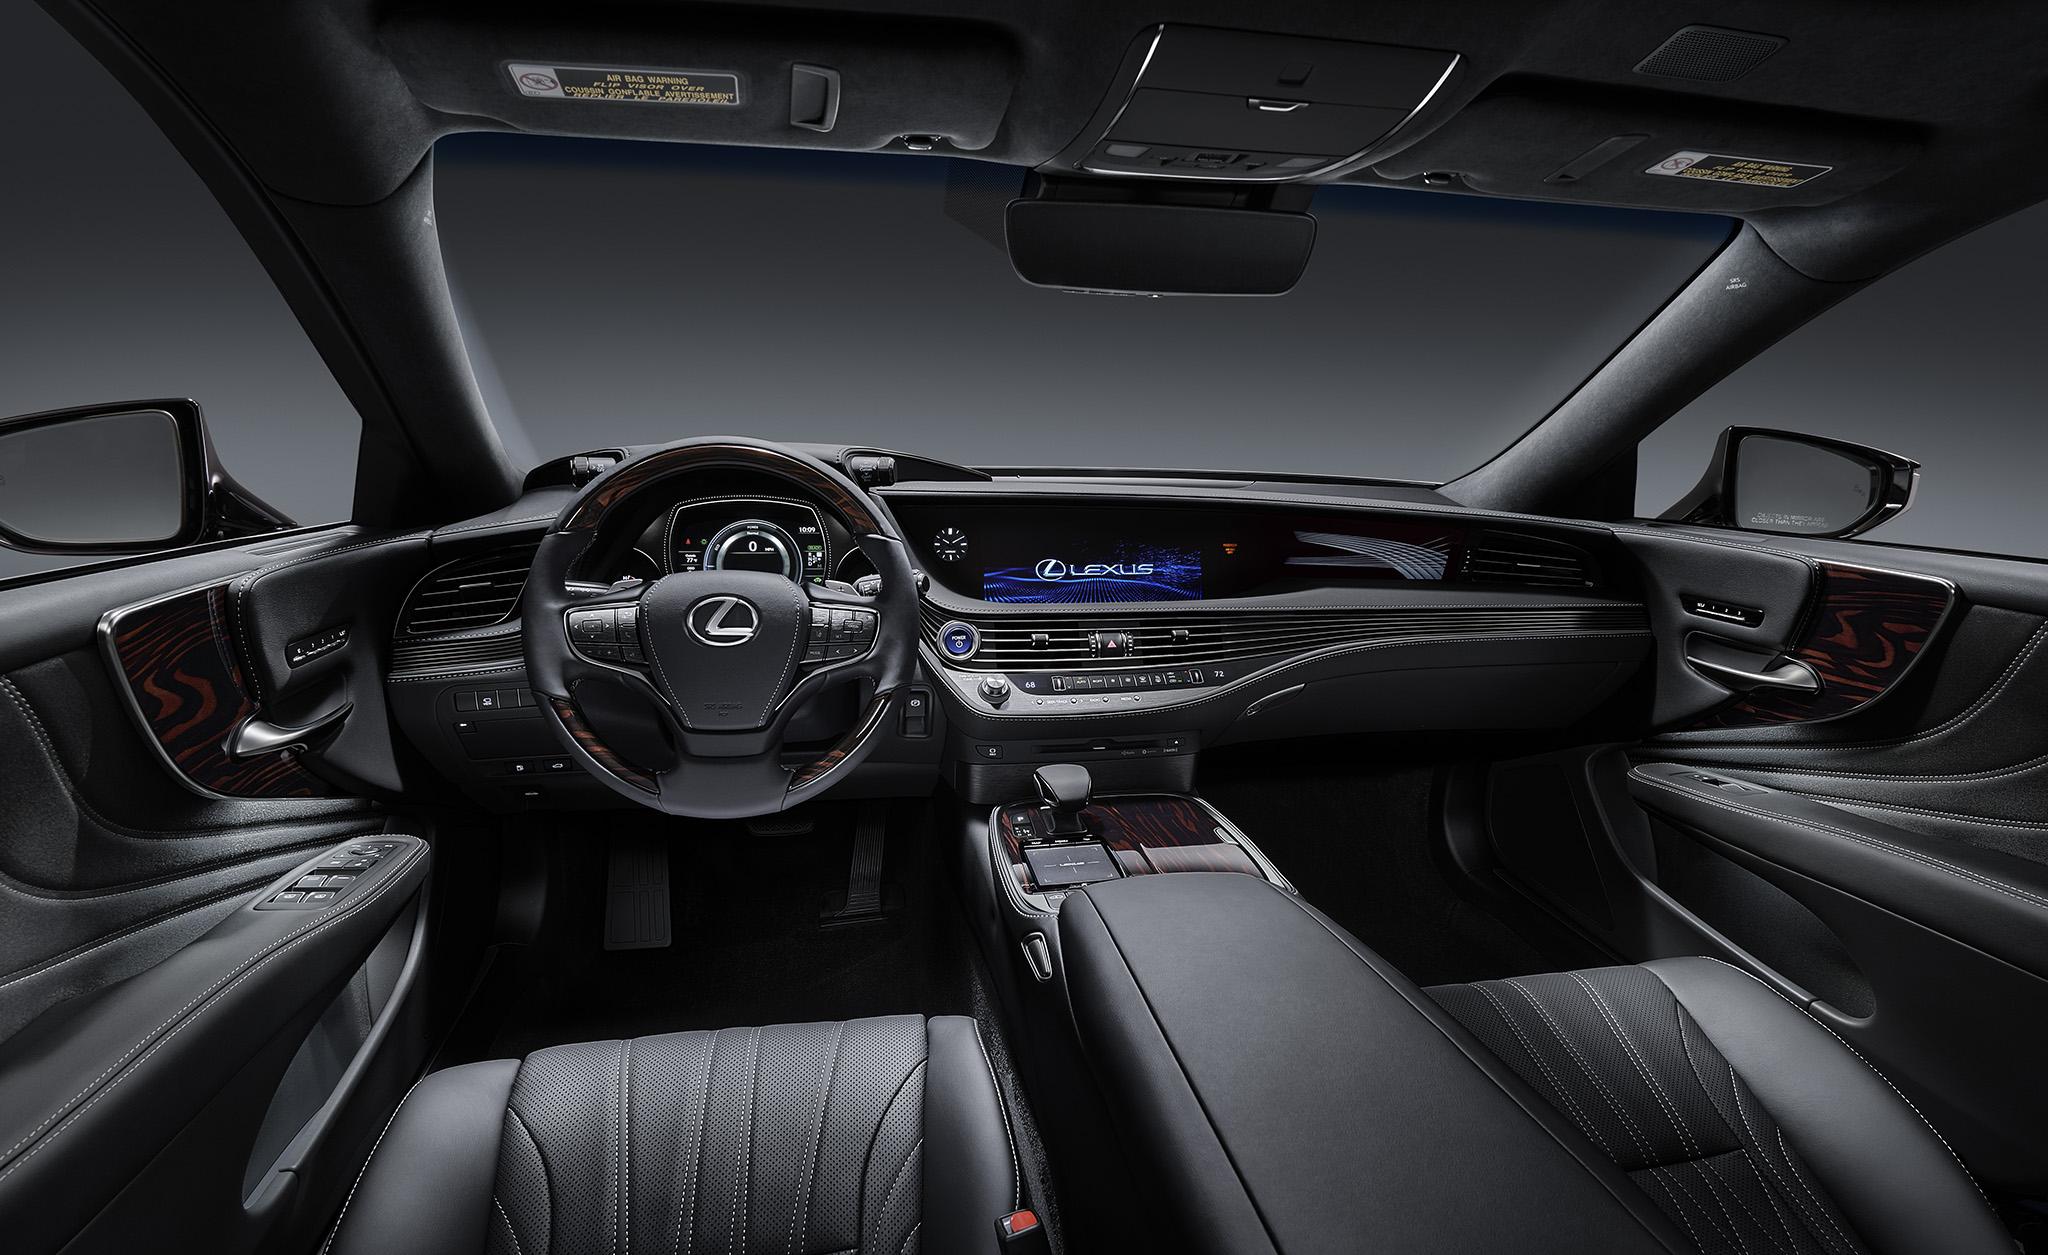 Lexus giới thiệu ES và LS mới, sử dụng động cơ Hybrid tại Việt Nam - 3